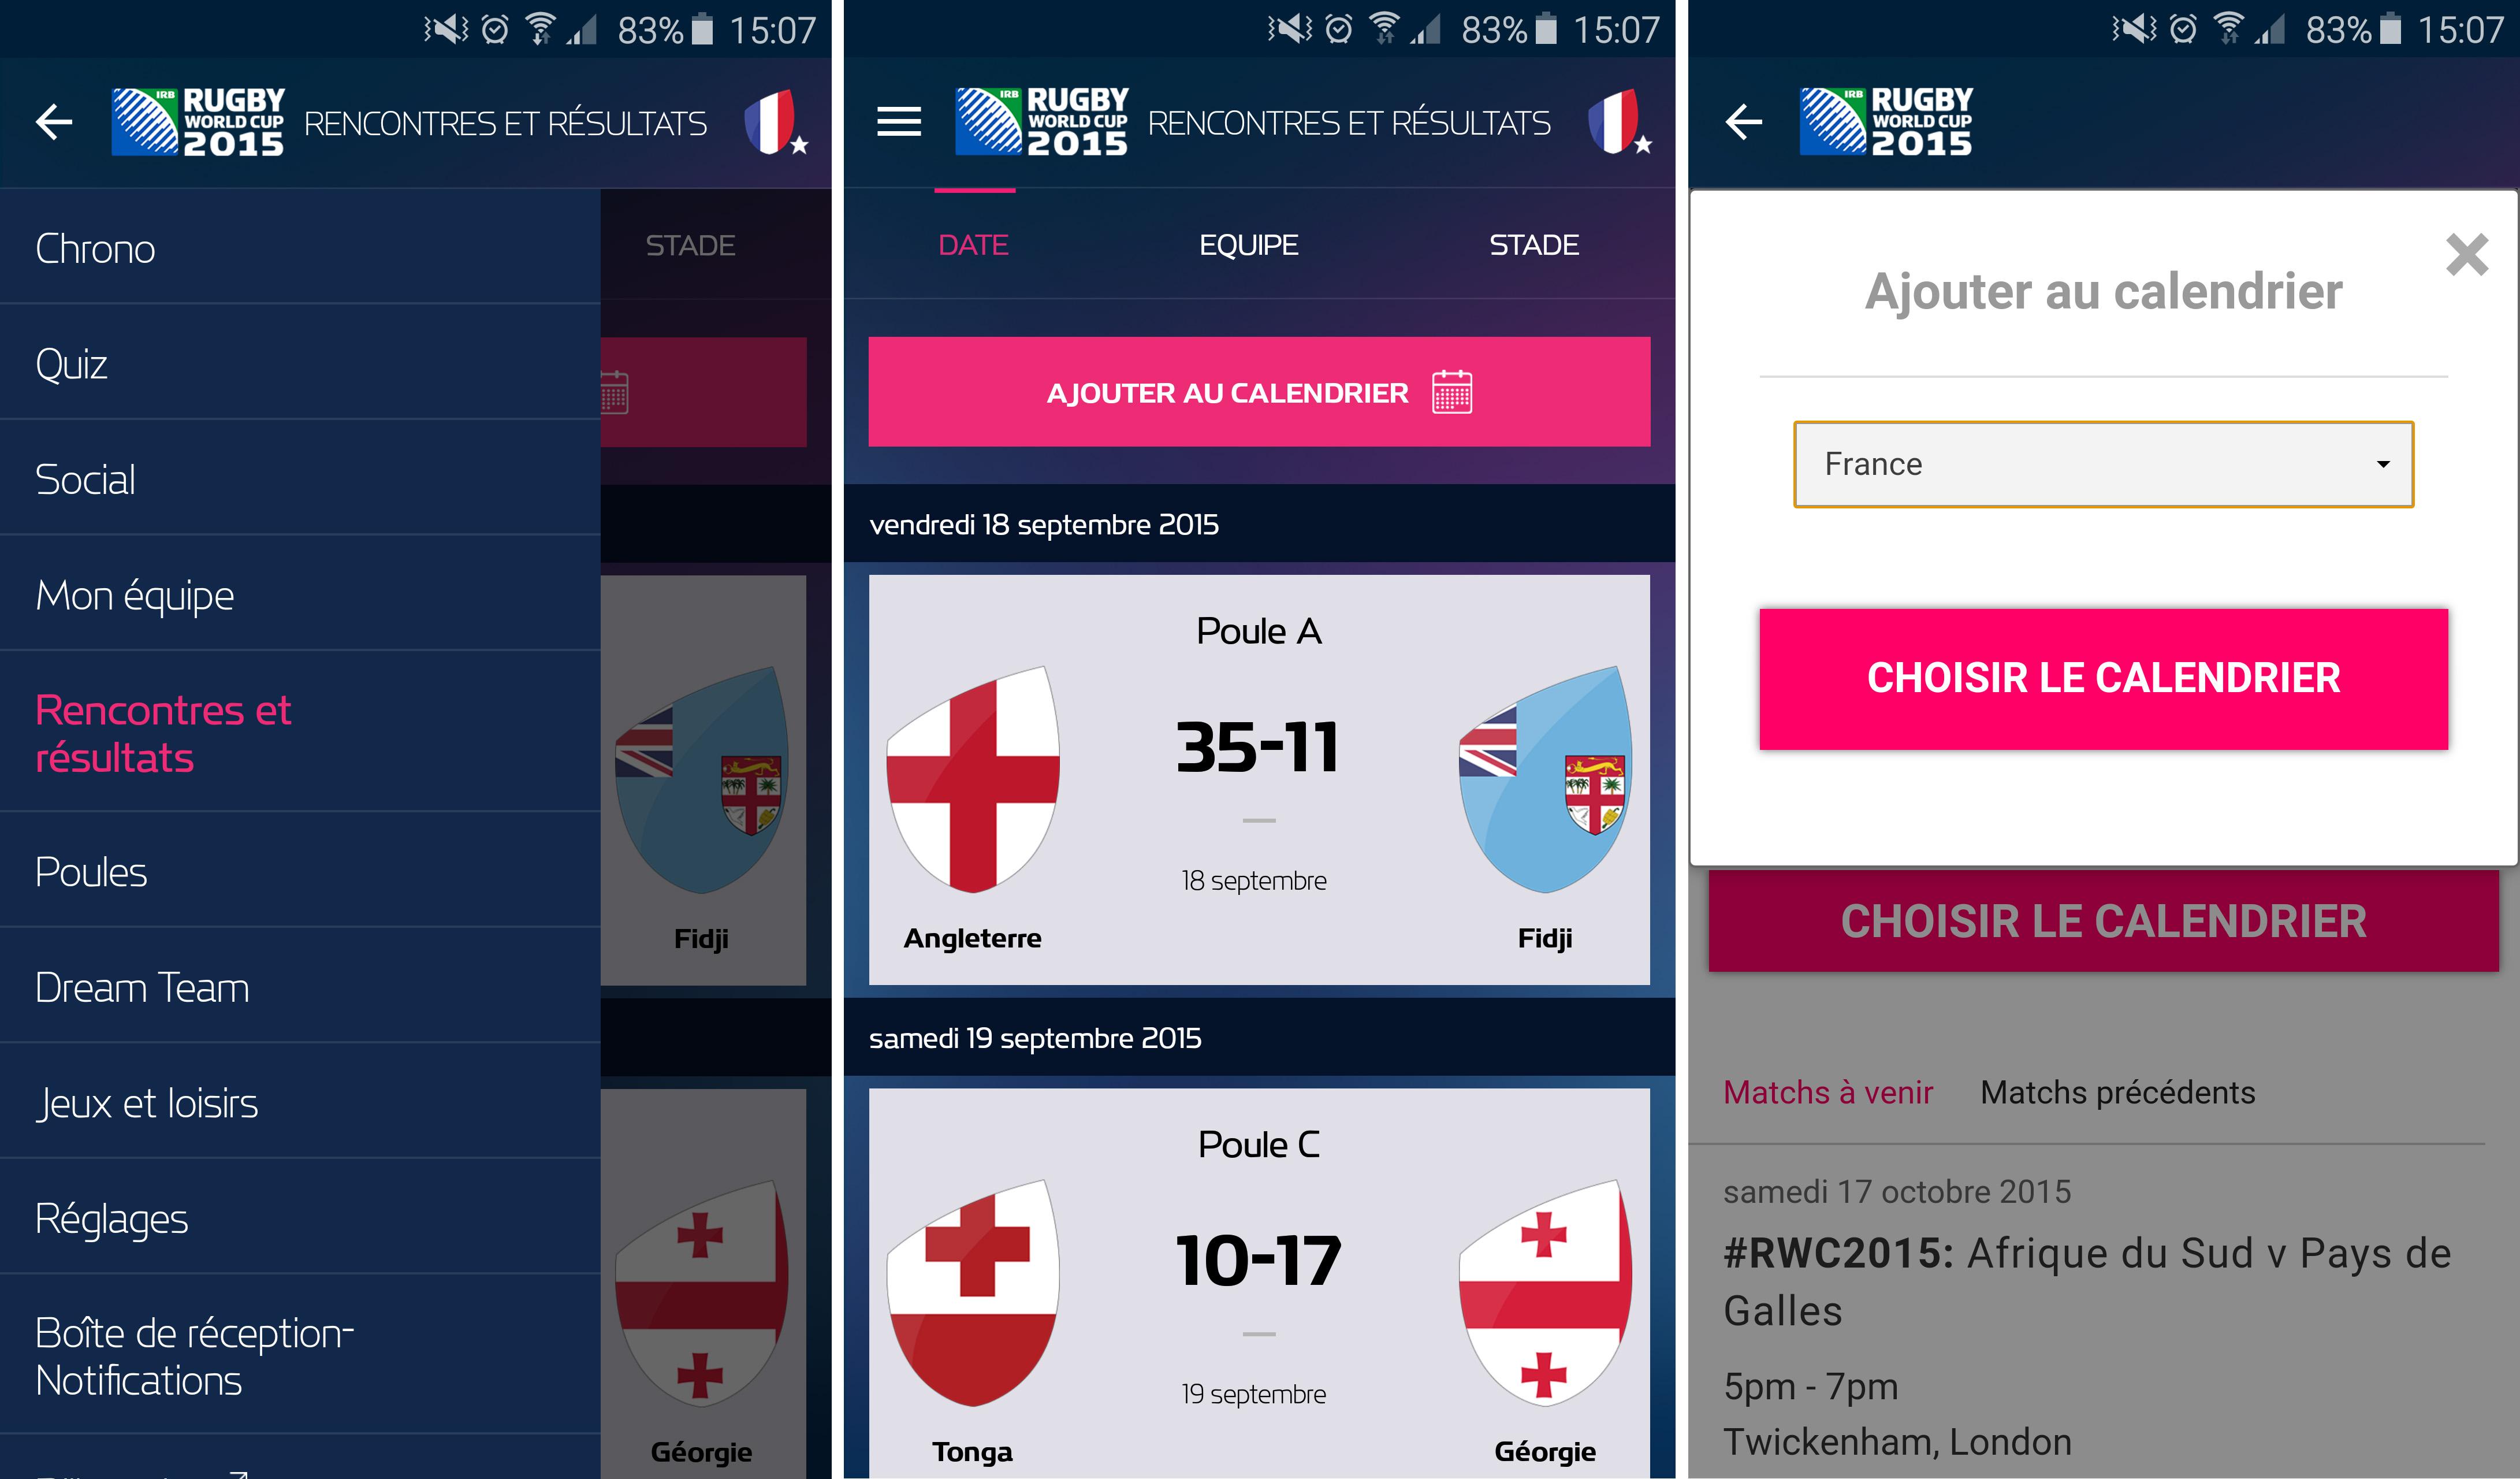 Coupe monde rugby 2015 - Calendrier de la coupe du monde de rugby 2015 ...